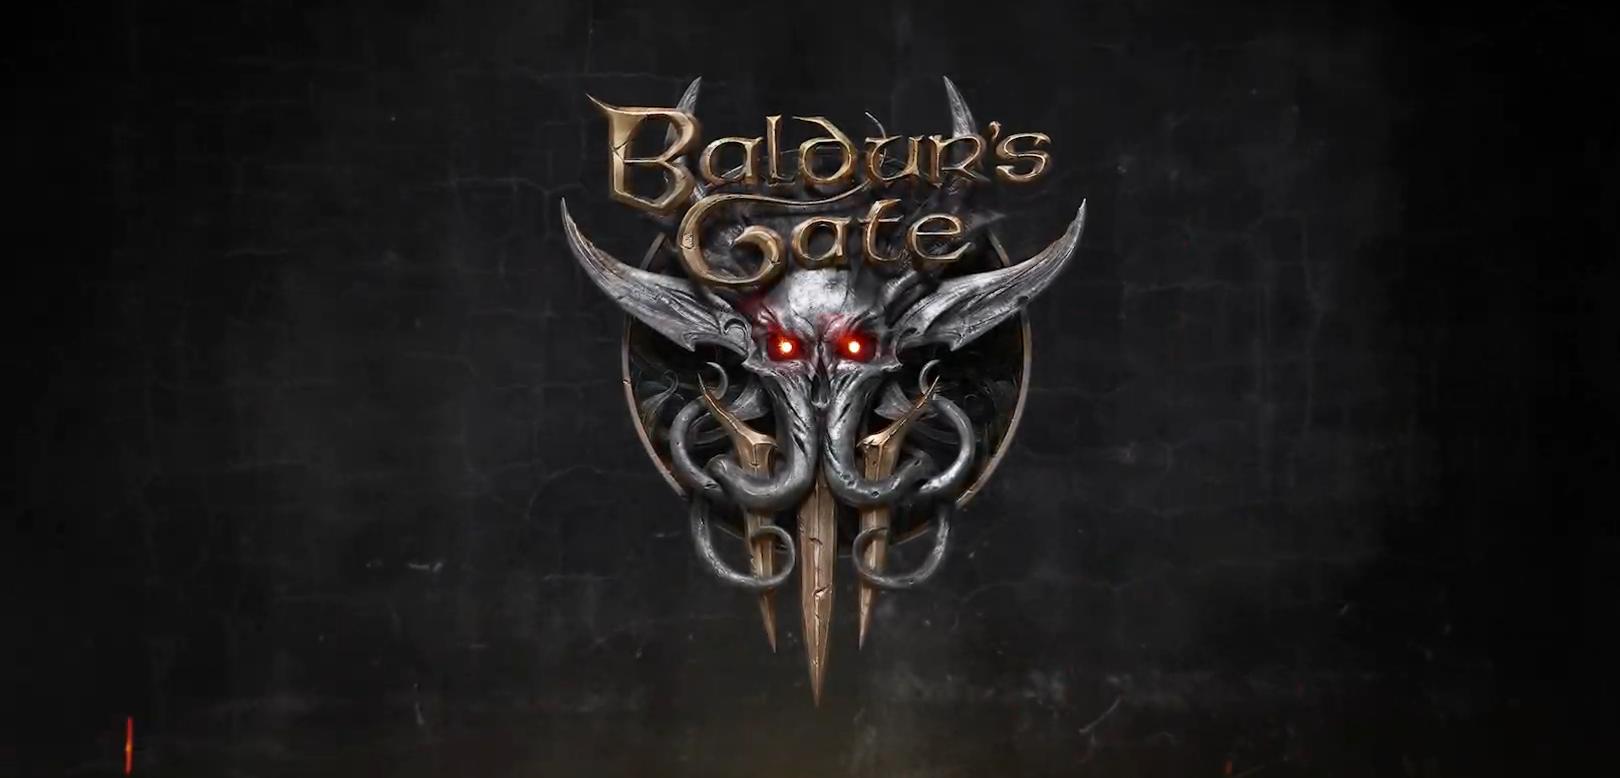 Annunciato Baldur's Gate 3